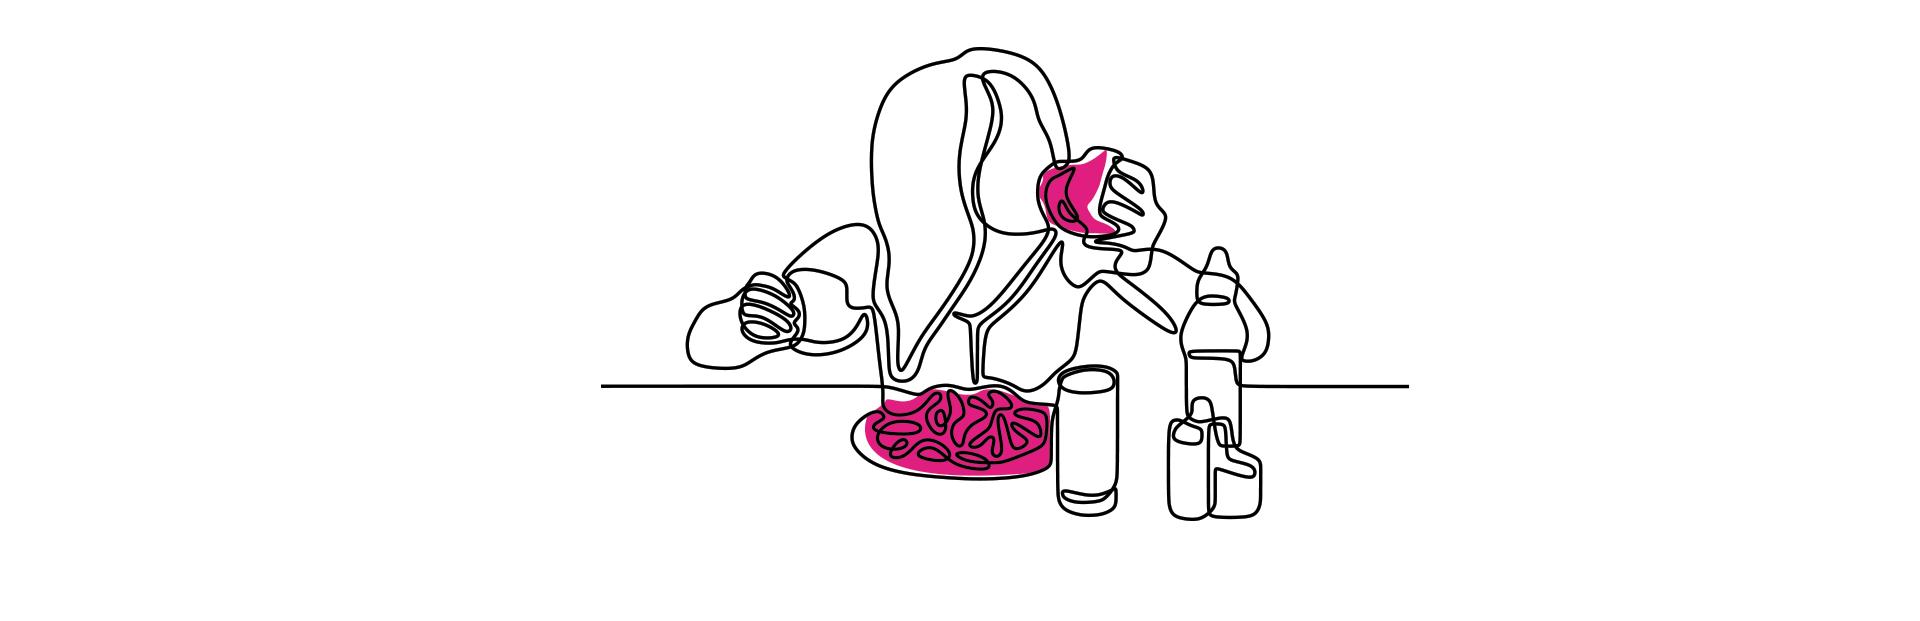 mulher com fome e comendo durante uma refeição